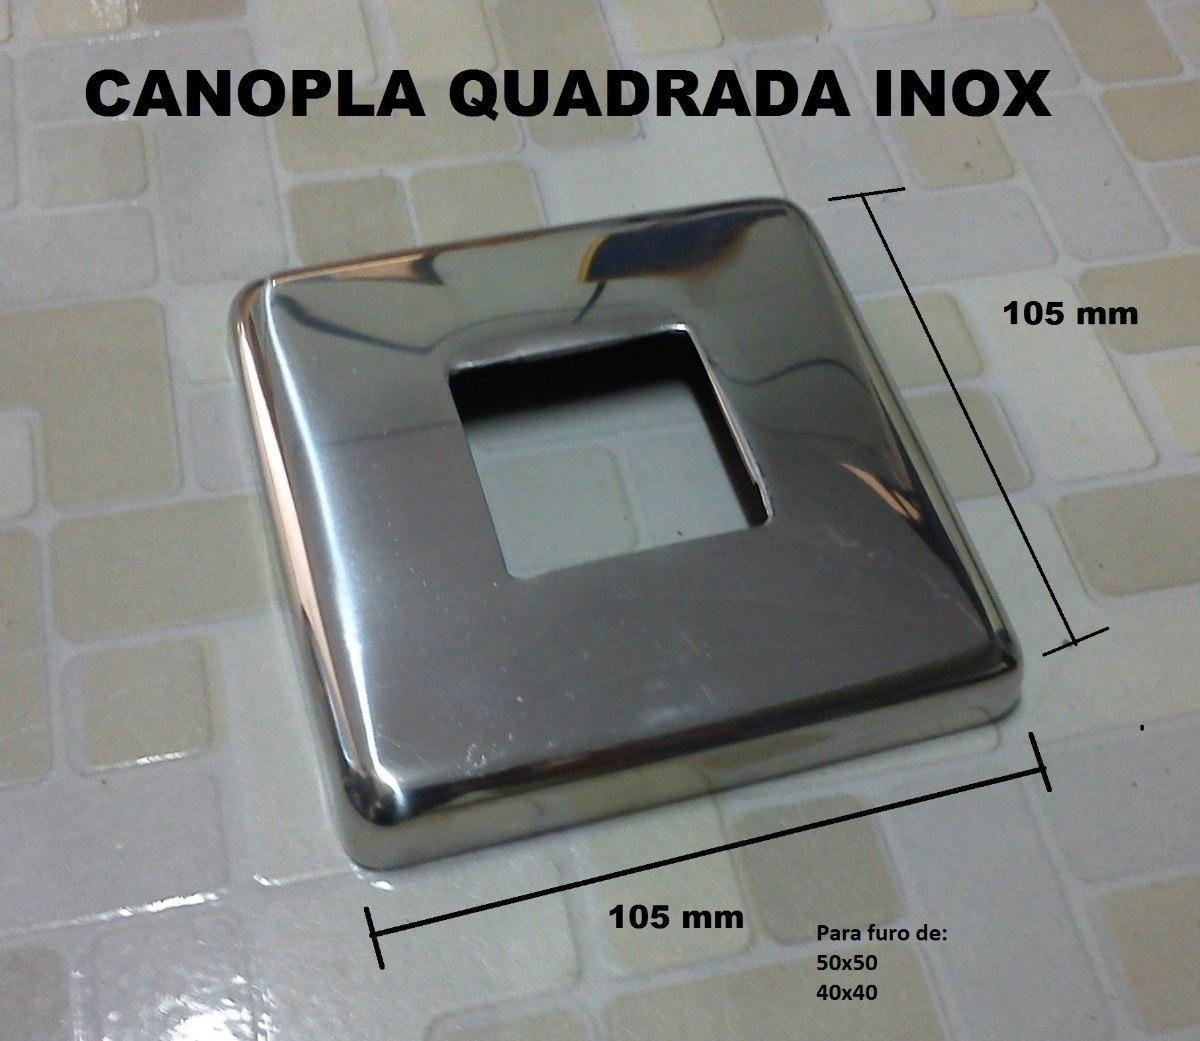 Canopla Em Aço Inox Polida Acessorios Para Corrimão R$ 10 50 no  #5E5D50 1200x1041 Acessorios Para Banheiro Em Inox